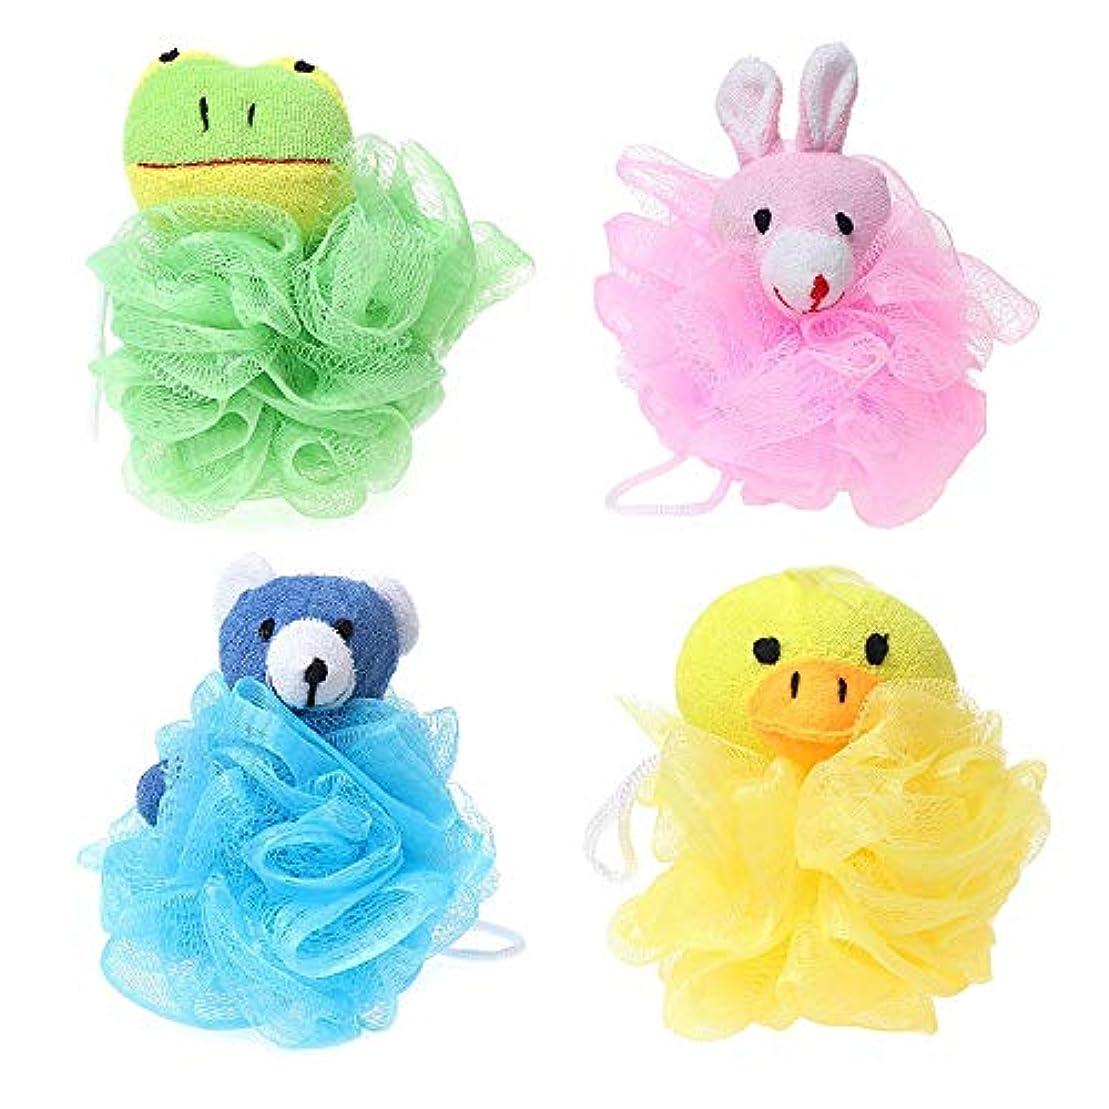 母性人生を作る公演Gaoominy 子供用おもちゃクッションパフメッシュぬいぐるみ付き(4パック)カエル、アヒル、ウサギ、クマ